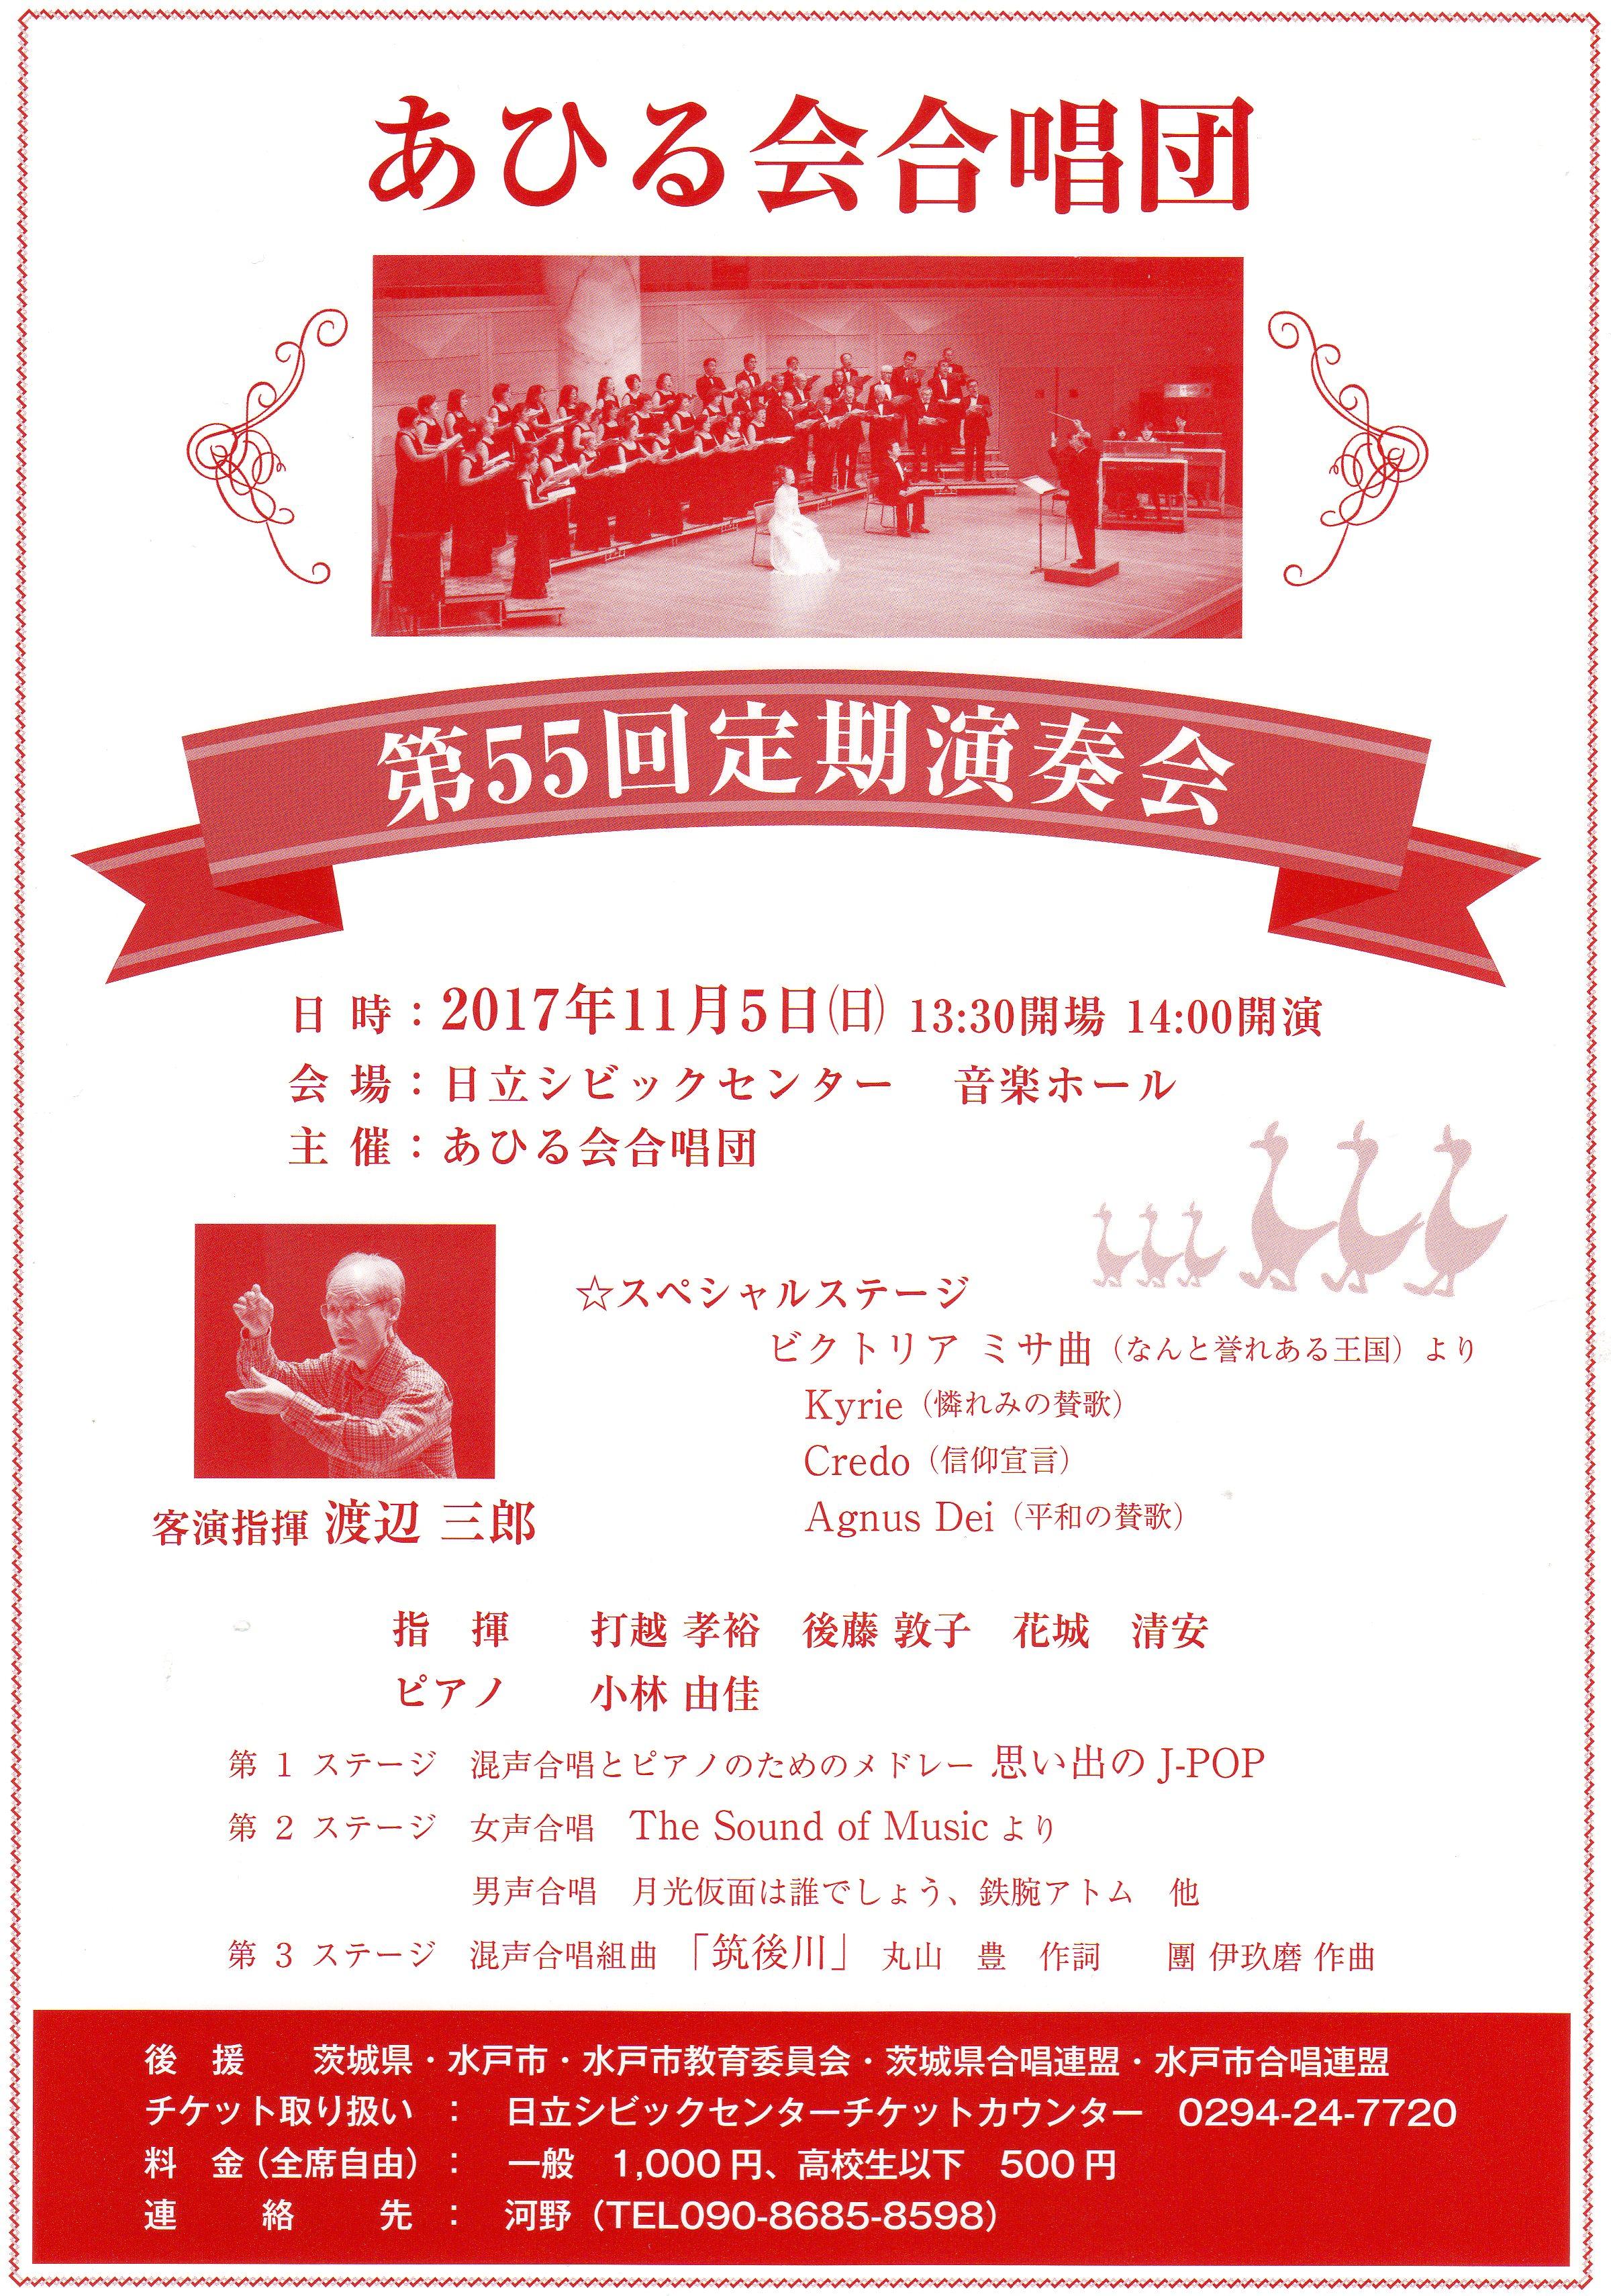 第55回定期演奏会 2017年11月5日(日) 日立シビックセンター 音楽ホール